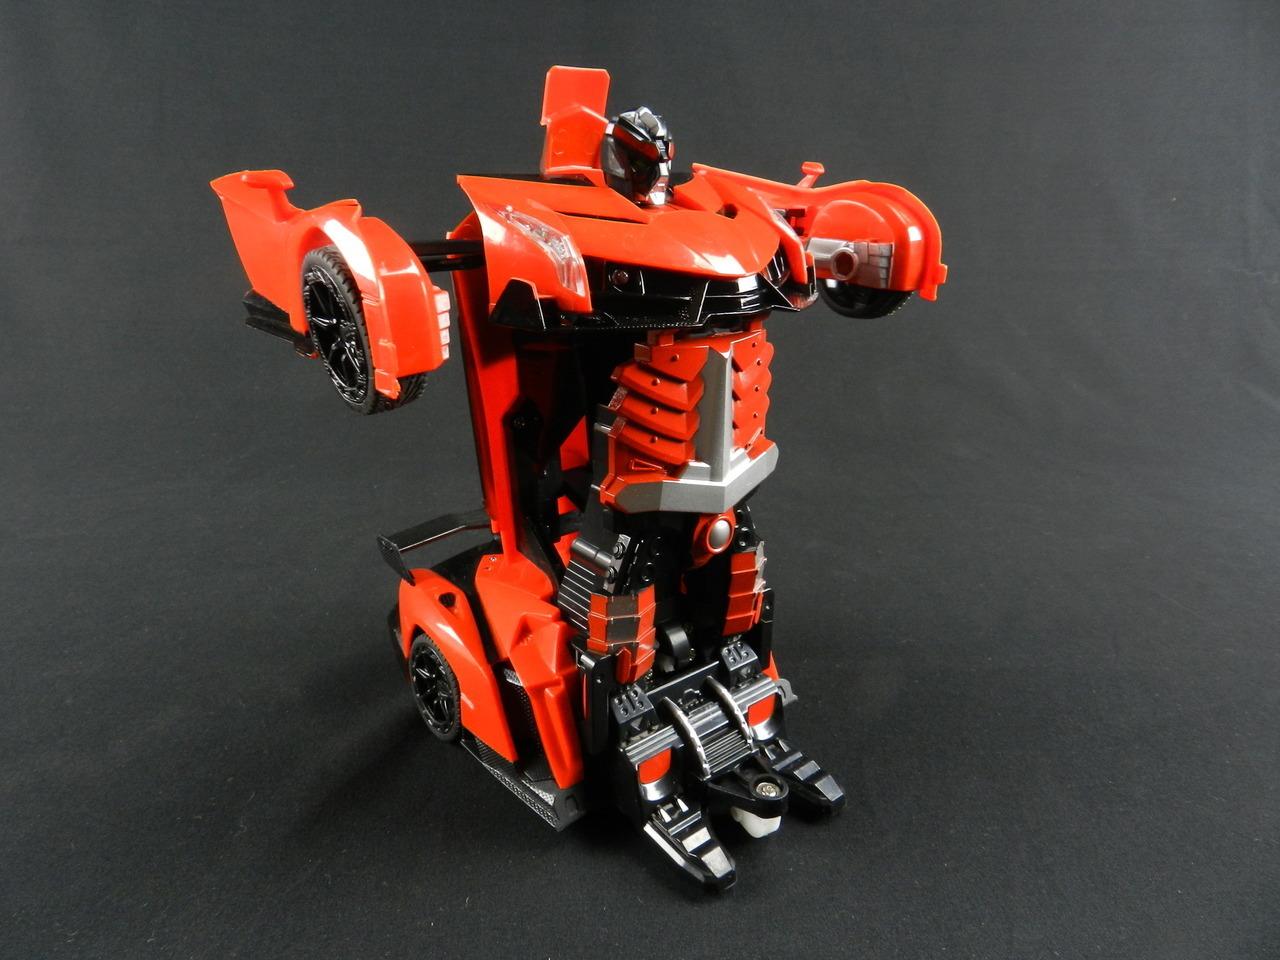 Kingco Transformer RC Remote Control Deformation Robot Car